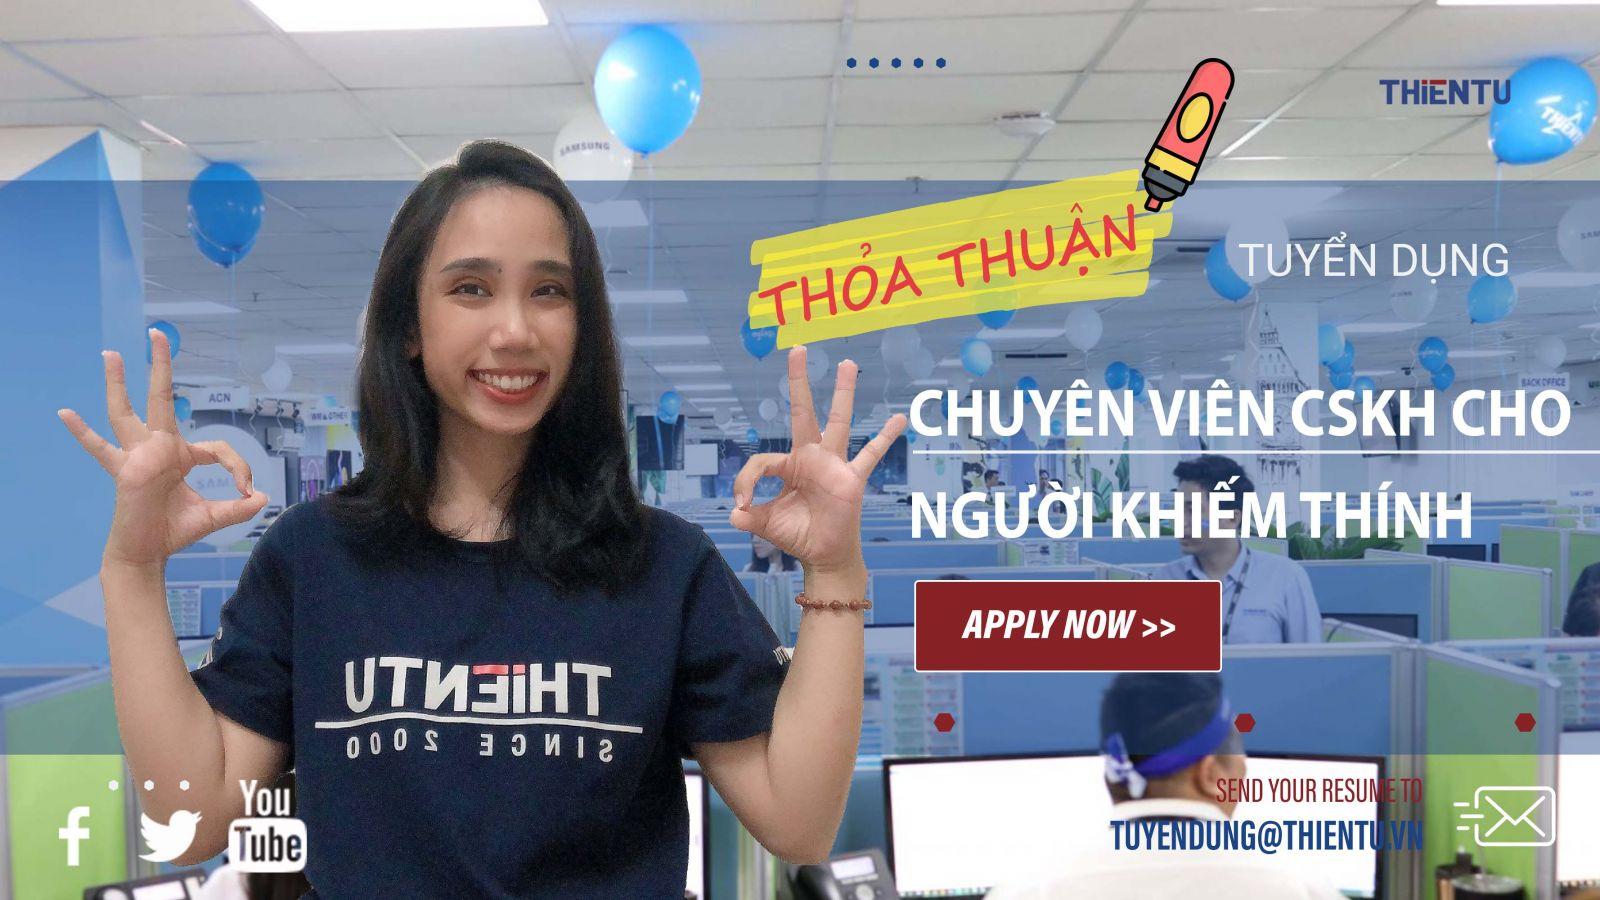 Thiên Tú tuyền dụng chuyên viên CSKH cho người khiếm thính tháng 9/2021